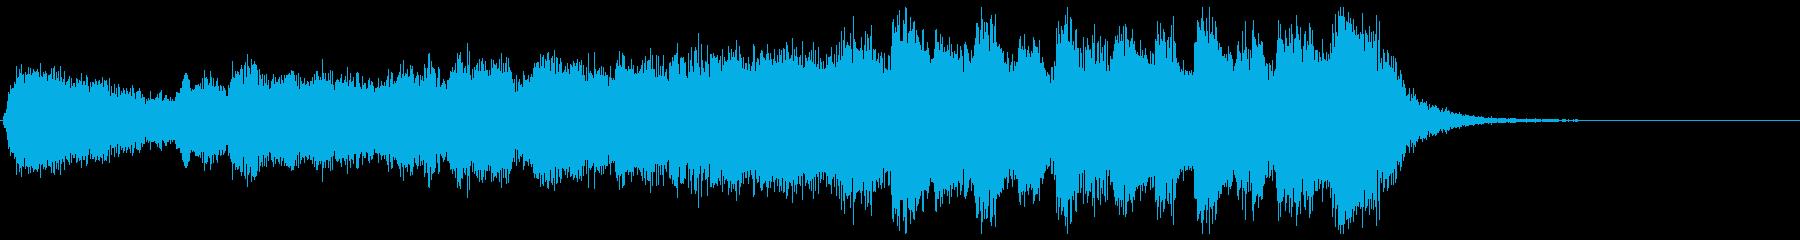 躍動的に盛り上がるフルオケジングル合唱付の再生済みの波形